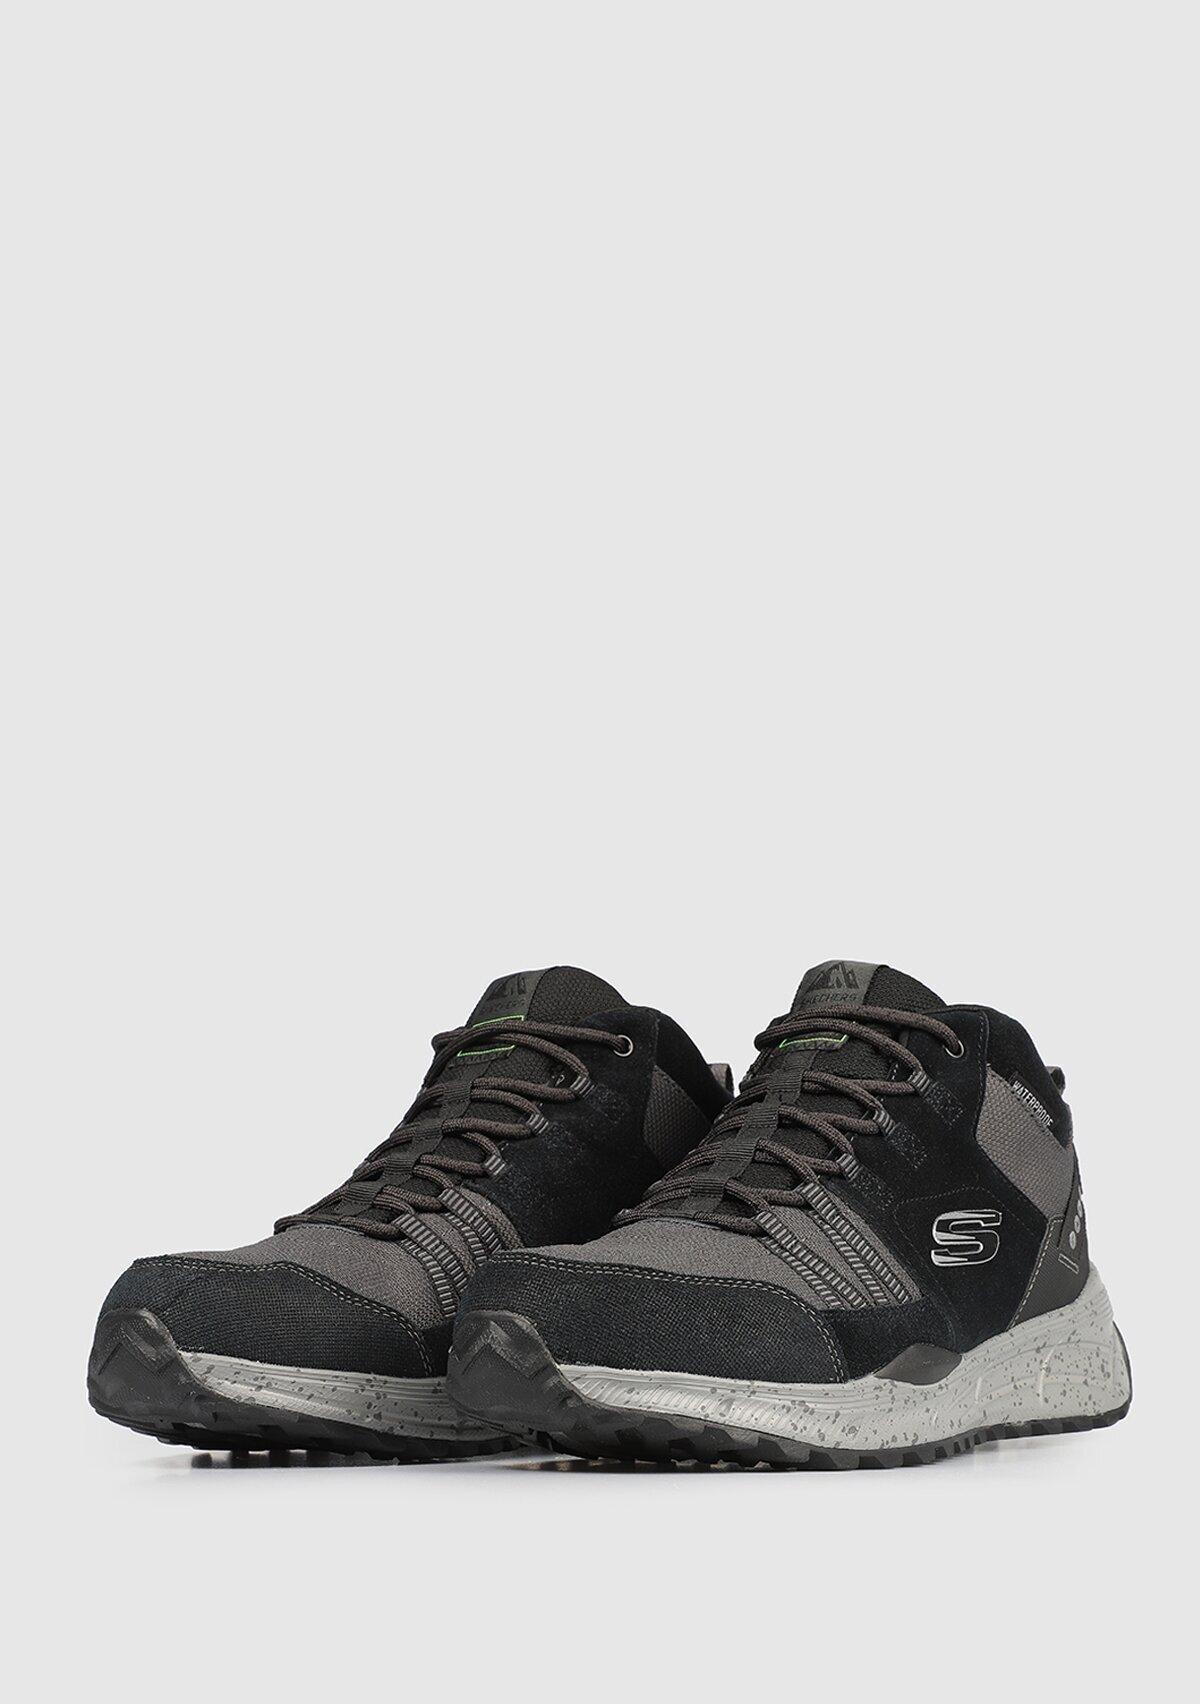 resm Equalizer 4.0 Trail-Grizwald Siyah Erkek Sneaker 237180Bkcc